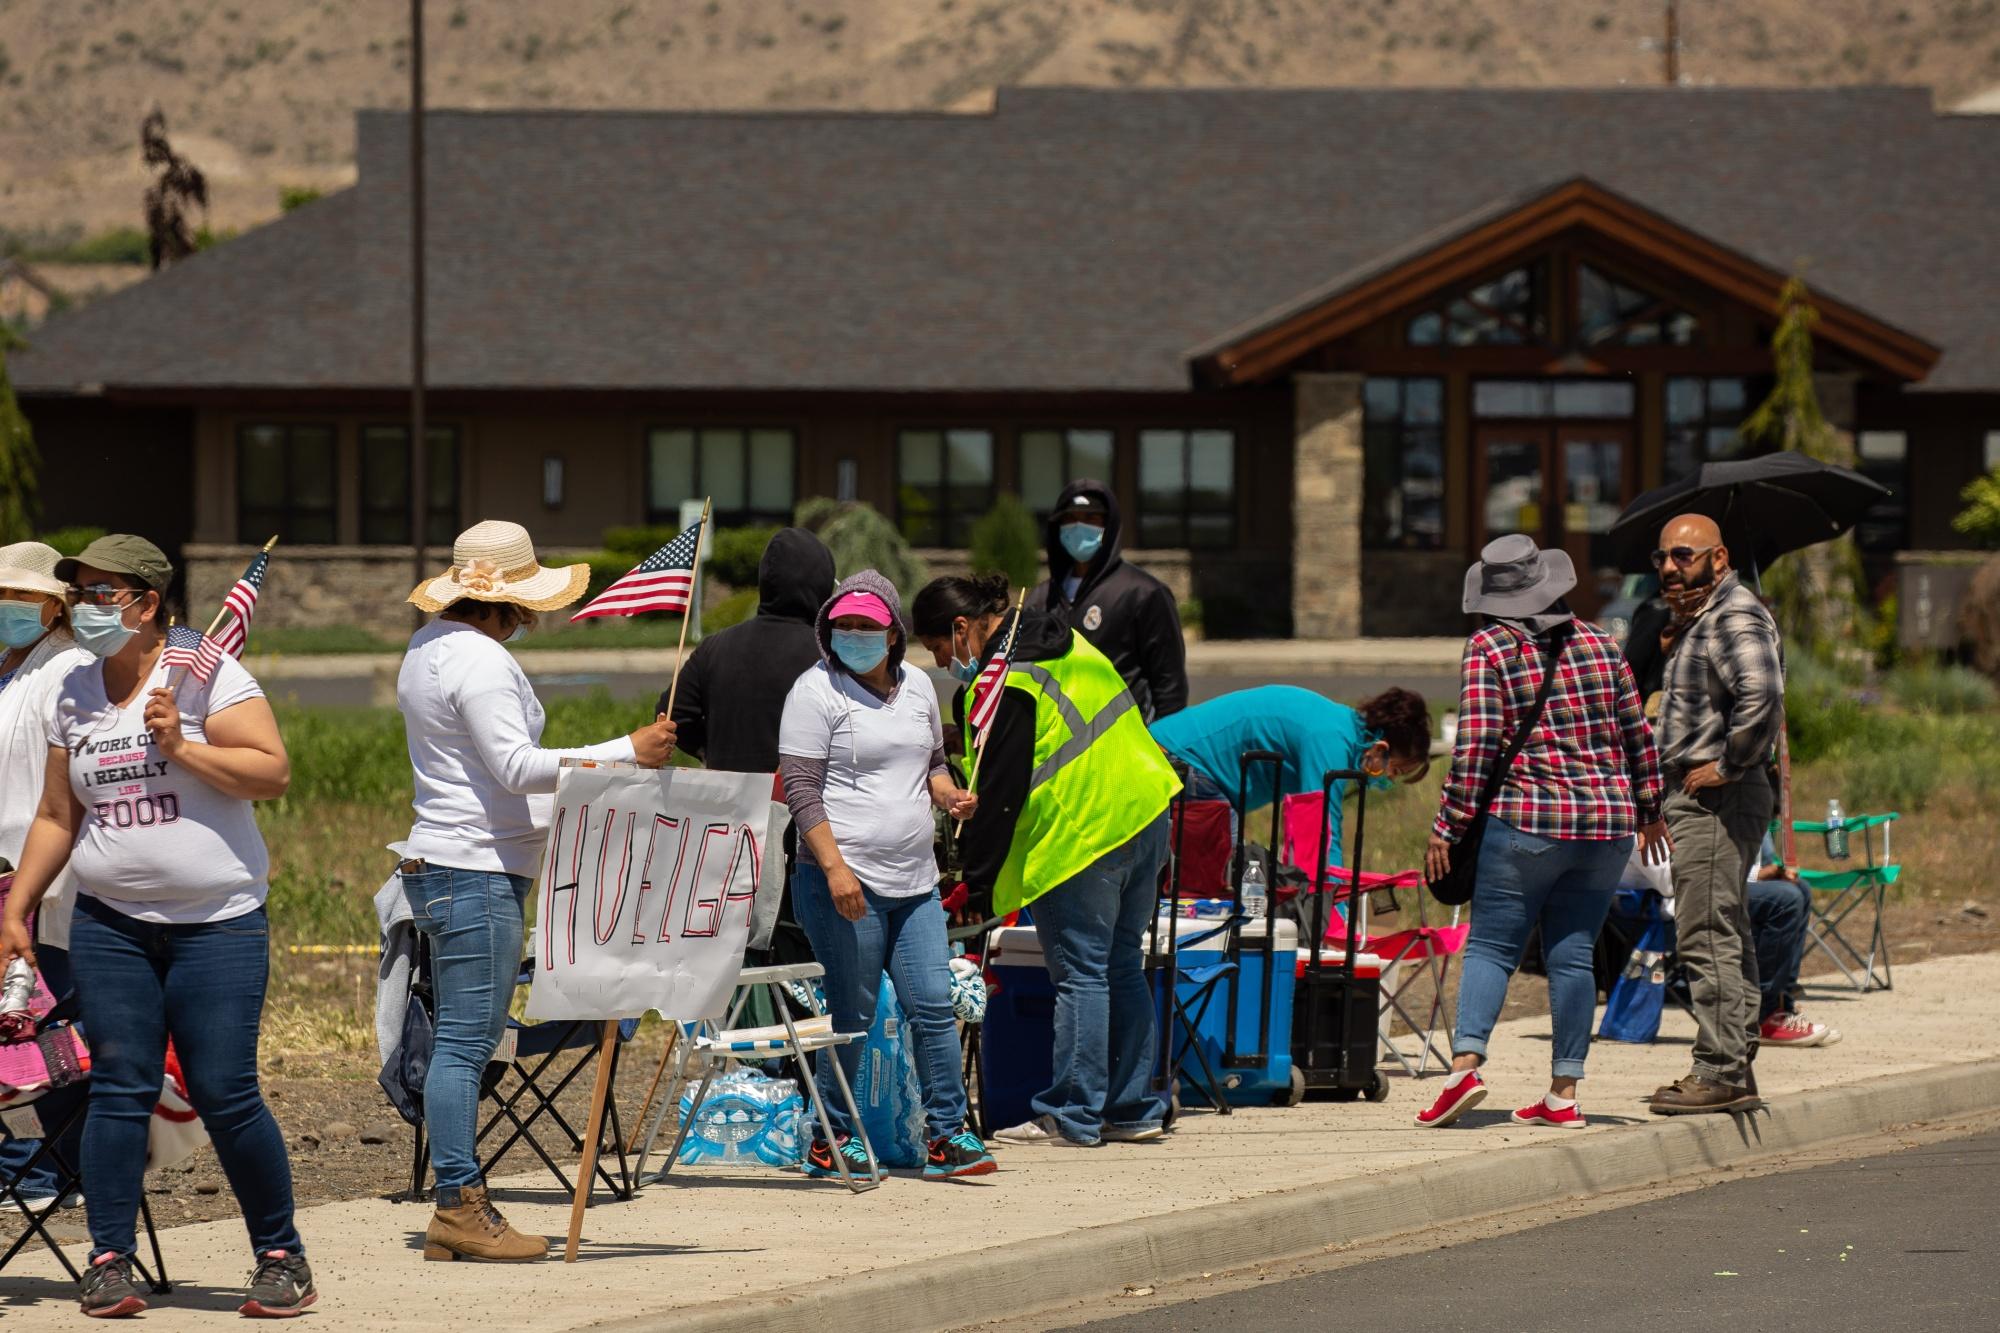 Fruit Workers Strike As Coronavirus Cases Grow In Packing Warehouses